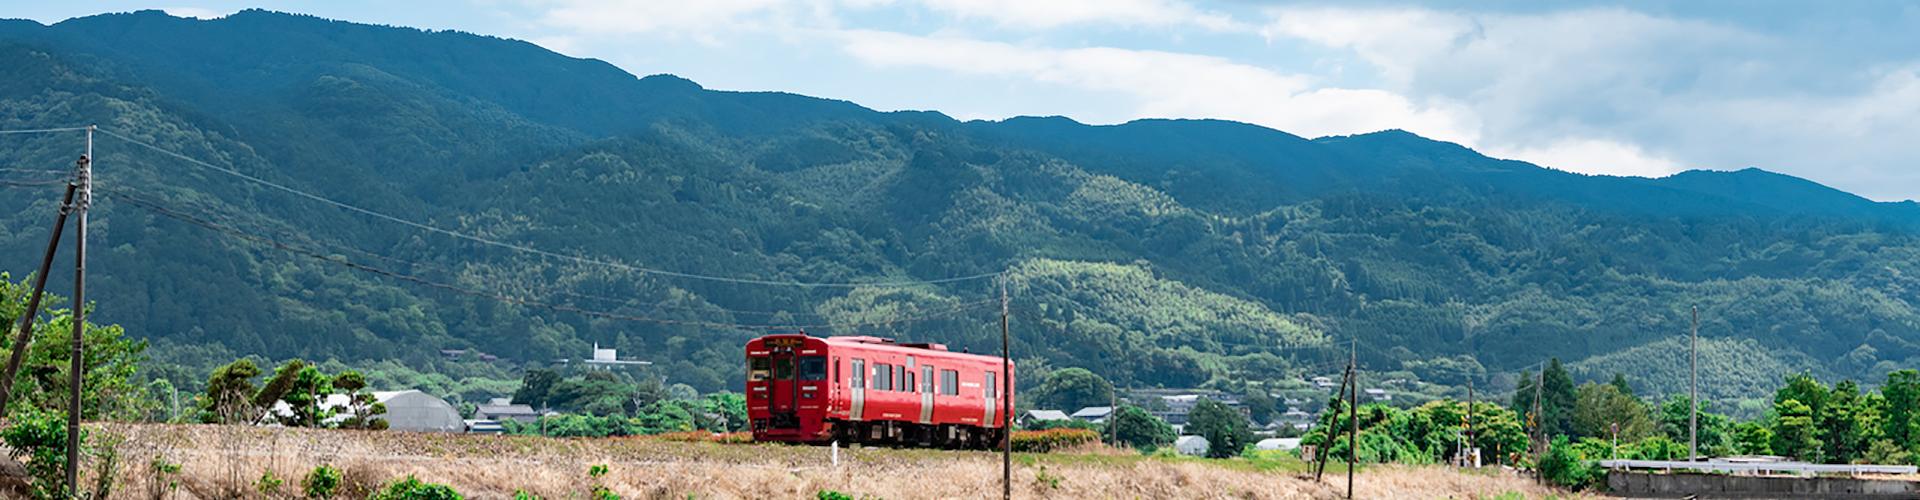 耳納連山を背景に走る久大本線の気動車